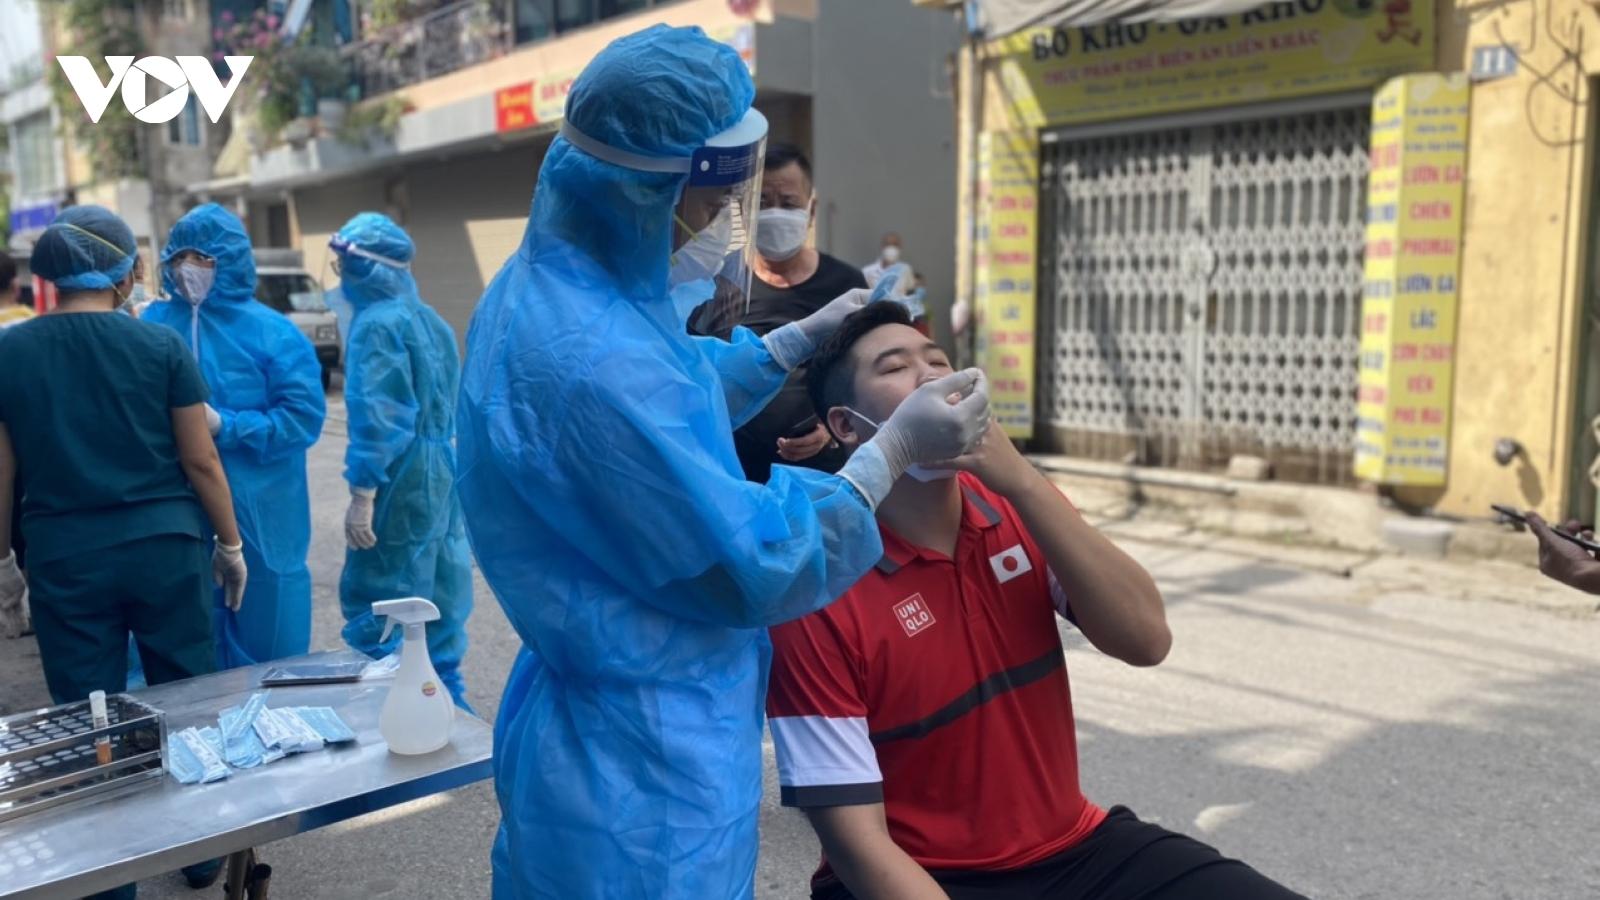 Thêm 1 F1 ở Long Biên (Hà Nội) dương tính với SARS-CoV-2